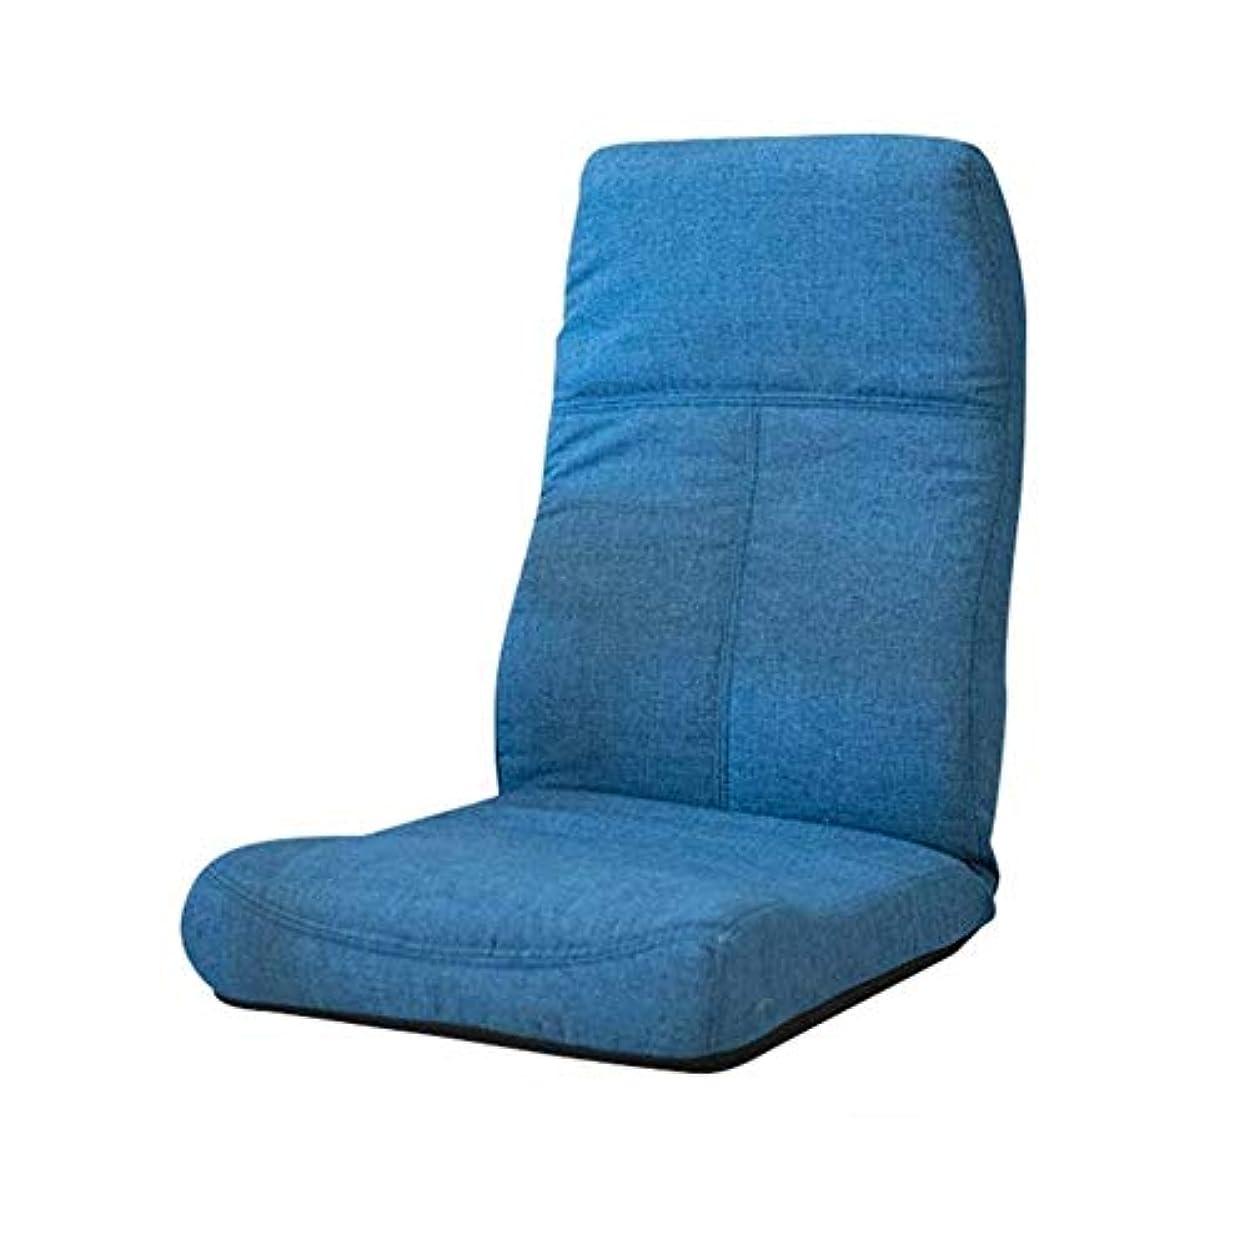 楽なミンチ動く瞑想の椅子、座るソファー、折りたたみ畳の床、折り畳み式の洗える増粘、バルコニーの寝室のコンピュータークッションブルー